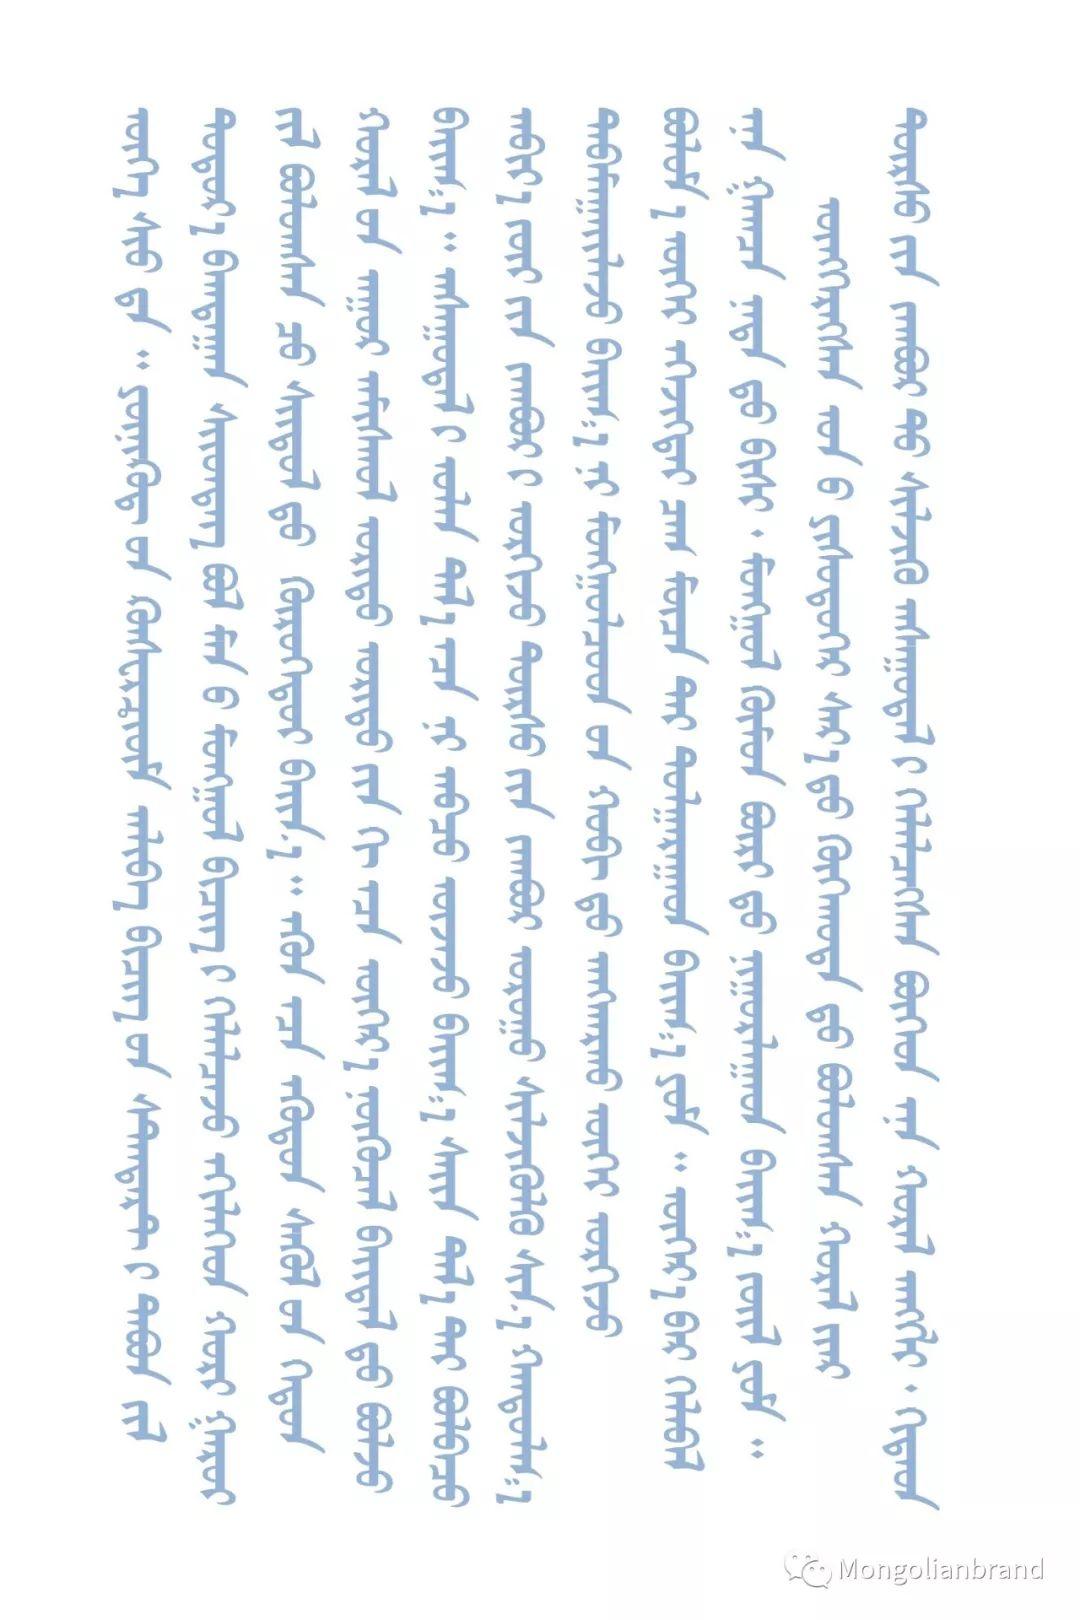 蒙古字体设计专家Jamiyansuren:让每个蒙古人掌握传统蒙古文是我们的终极目标 第4张 蒙古字体设计专家Jamiyansuren:让每个蒙古人掌握传统蒙古文是我们的终极目标 蒙古文化